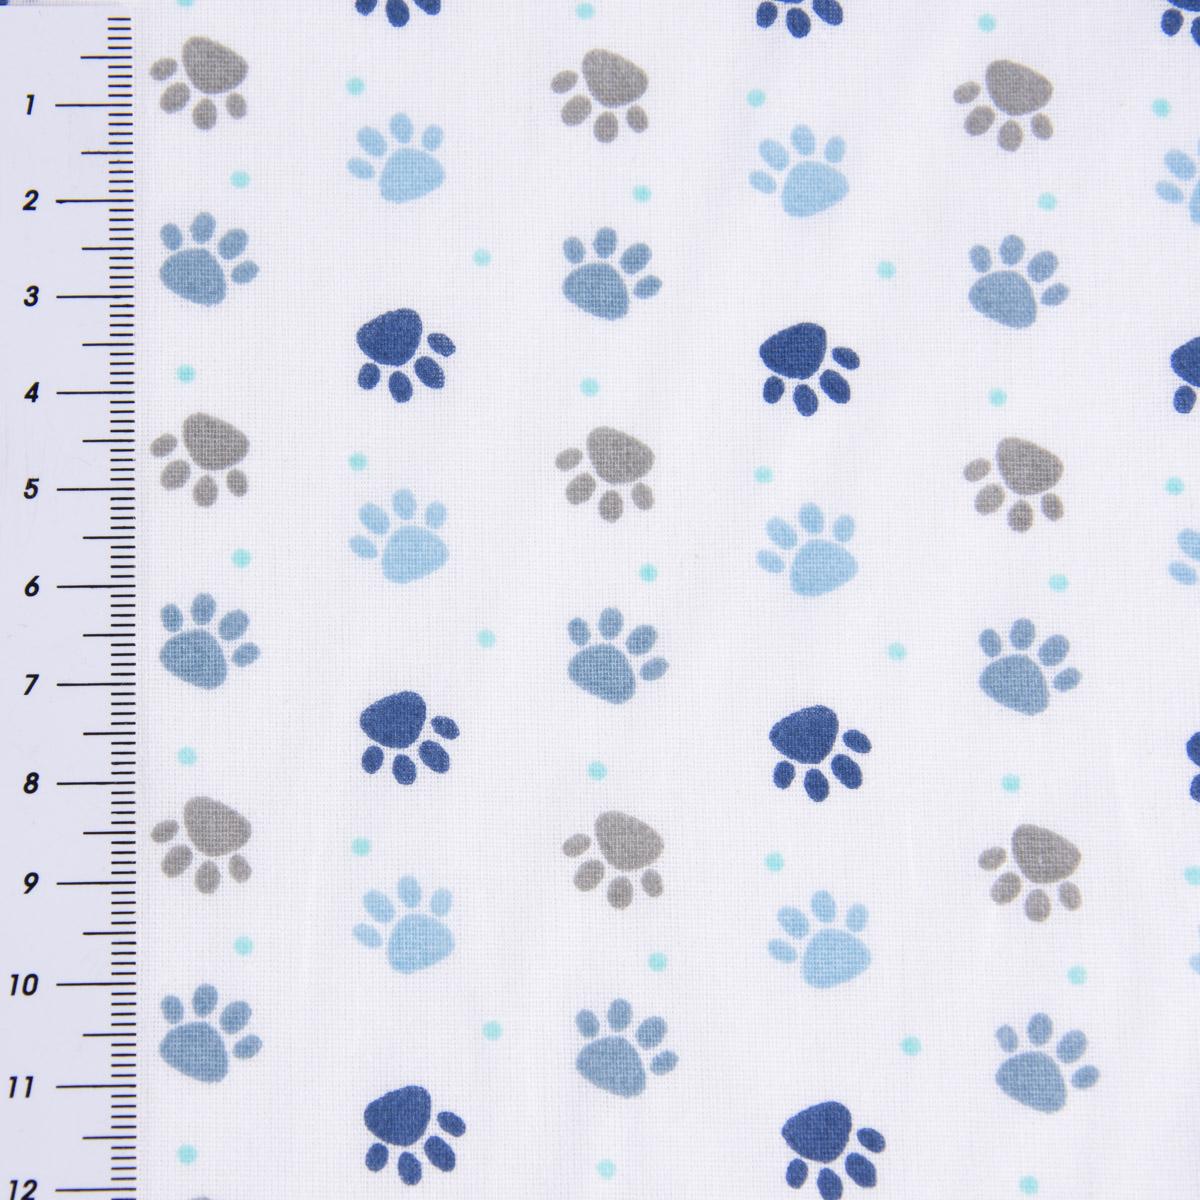 Baumwollstoff Pfoten Tatzen Abdrücke weiß grau blau Töne 1,4m Breite